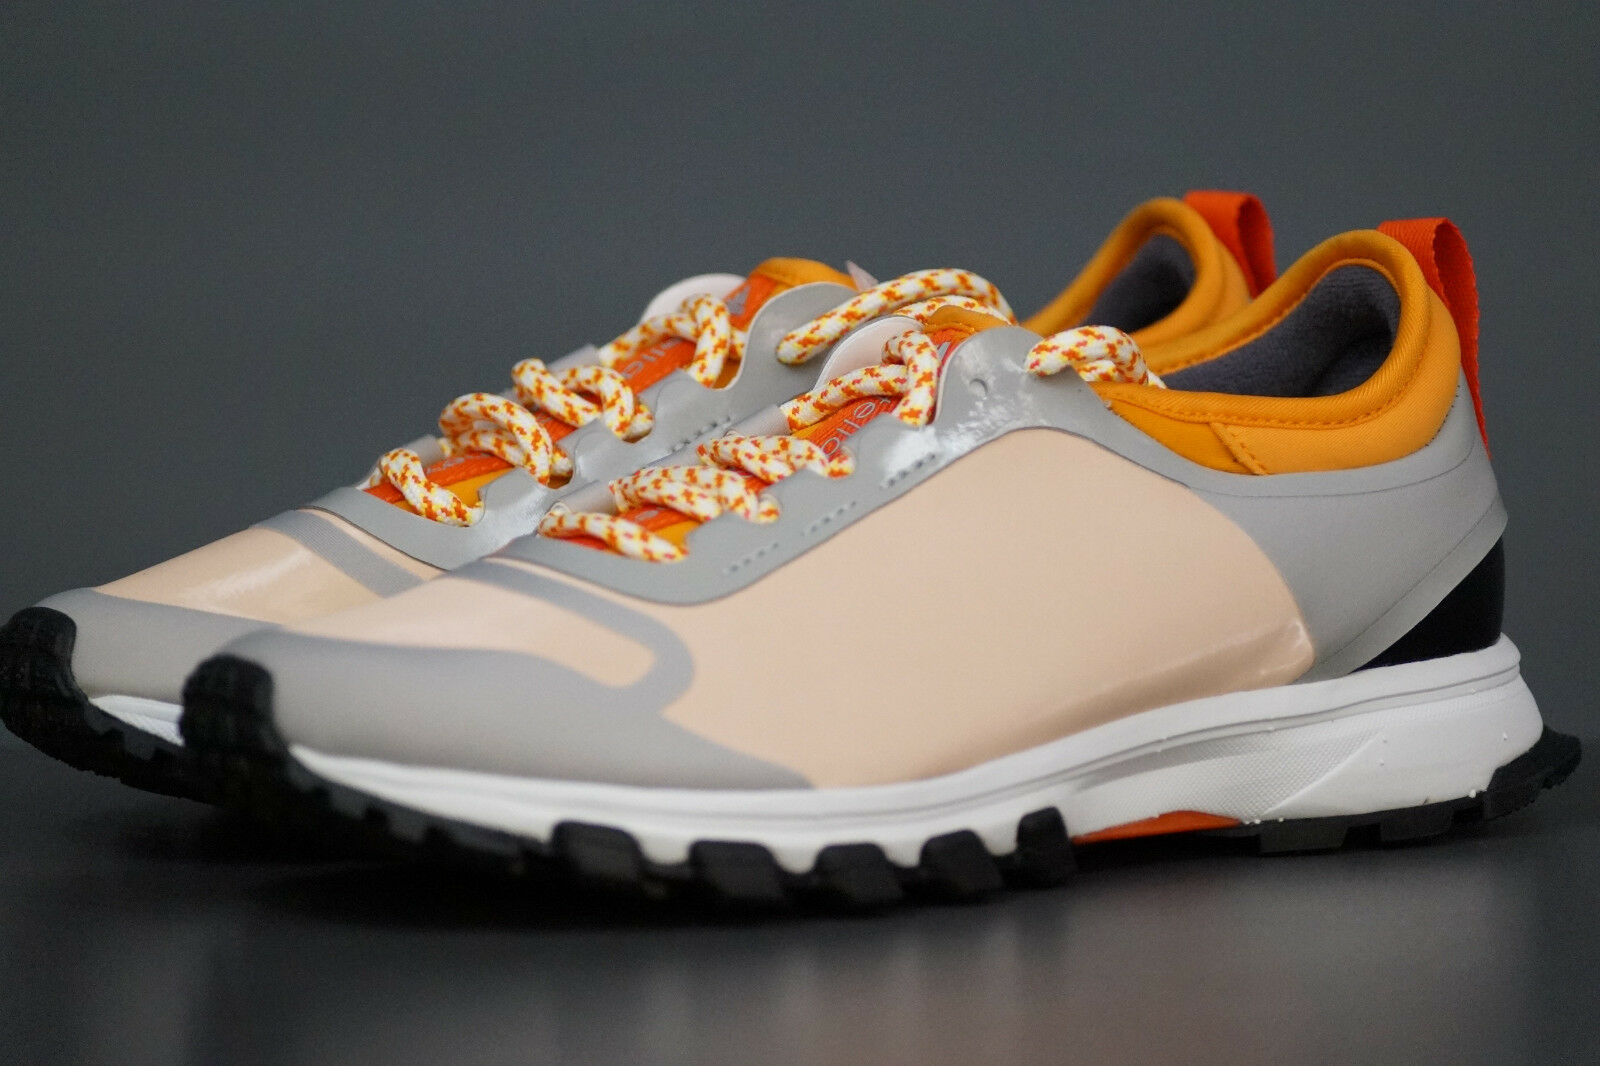 Adidas adizero stella mccartney adizero Adidas XT EU 37.3 UK 4.5 soft powder/orange AF6418 b690ff